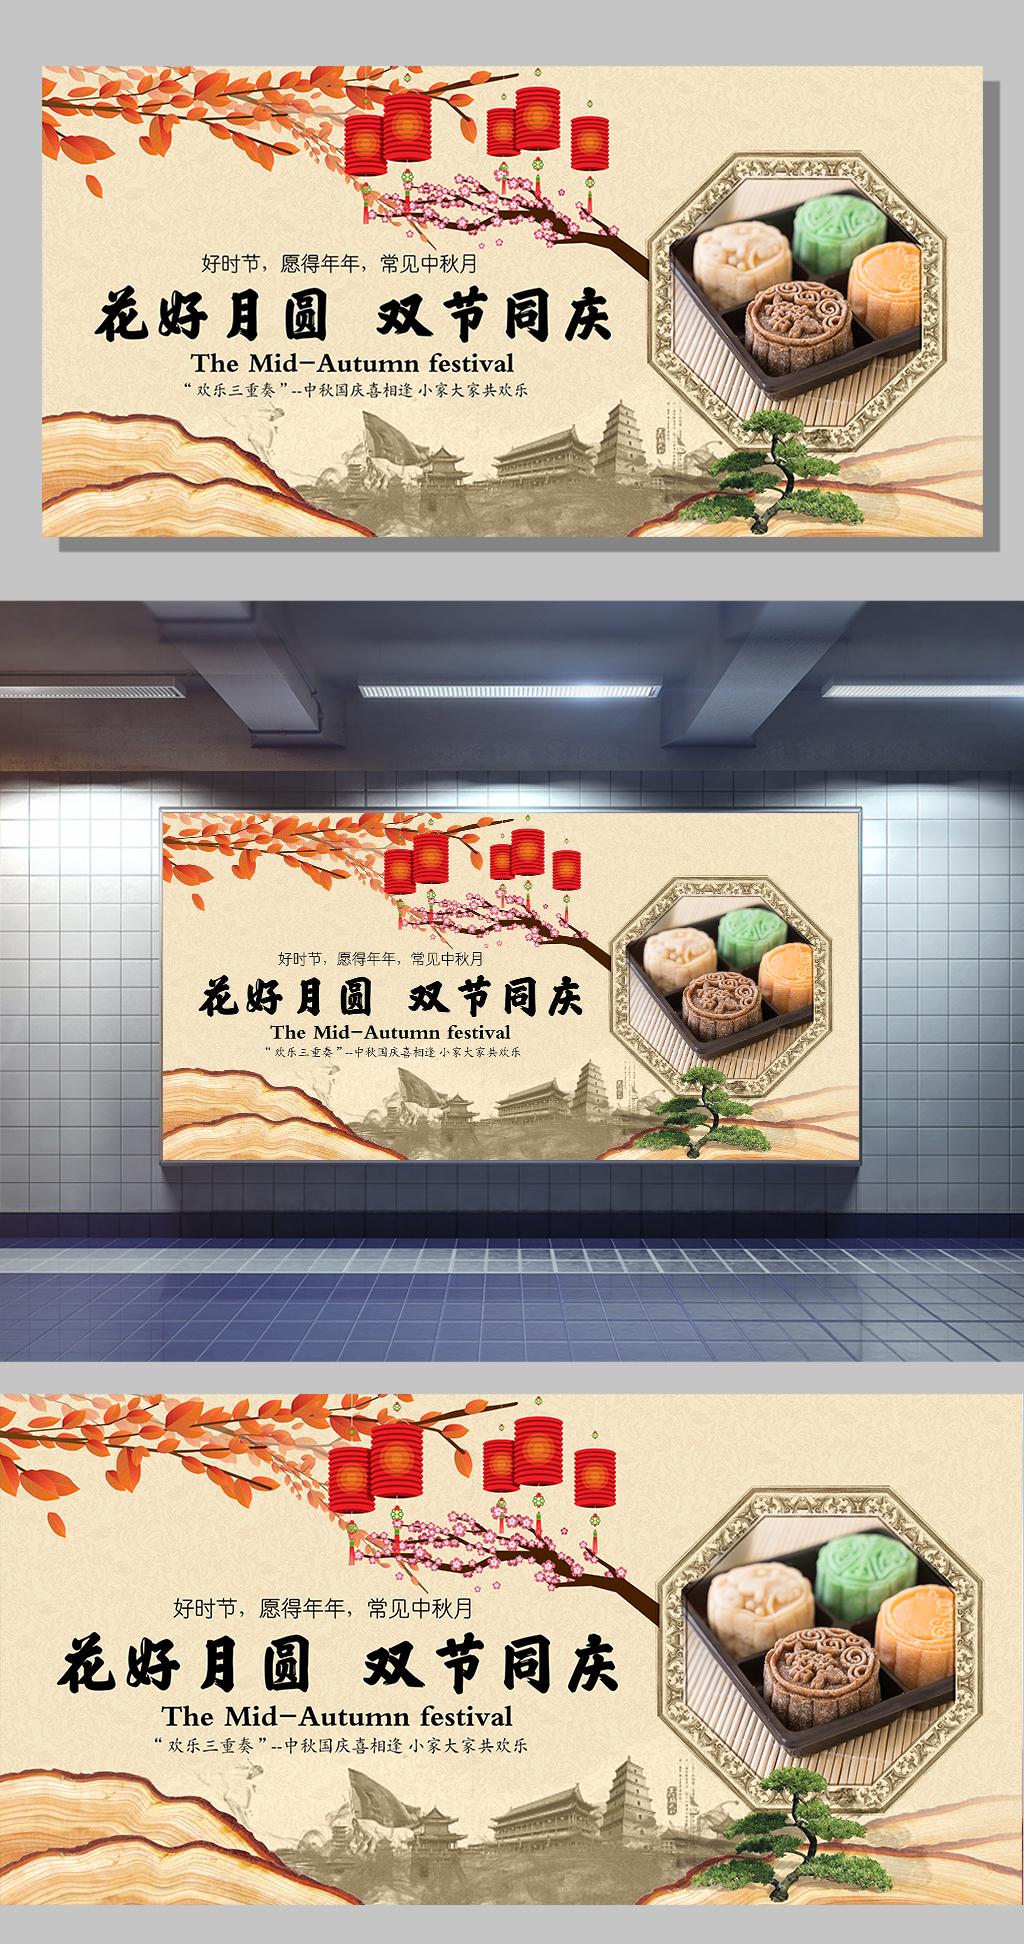 新中式风格创意中秋节国庆节双节展板